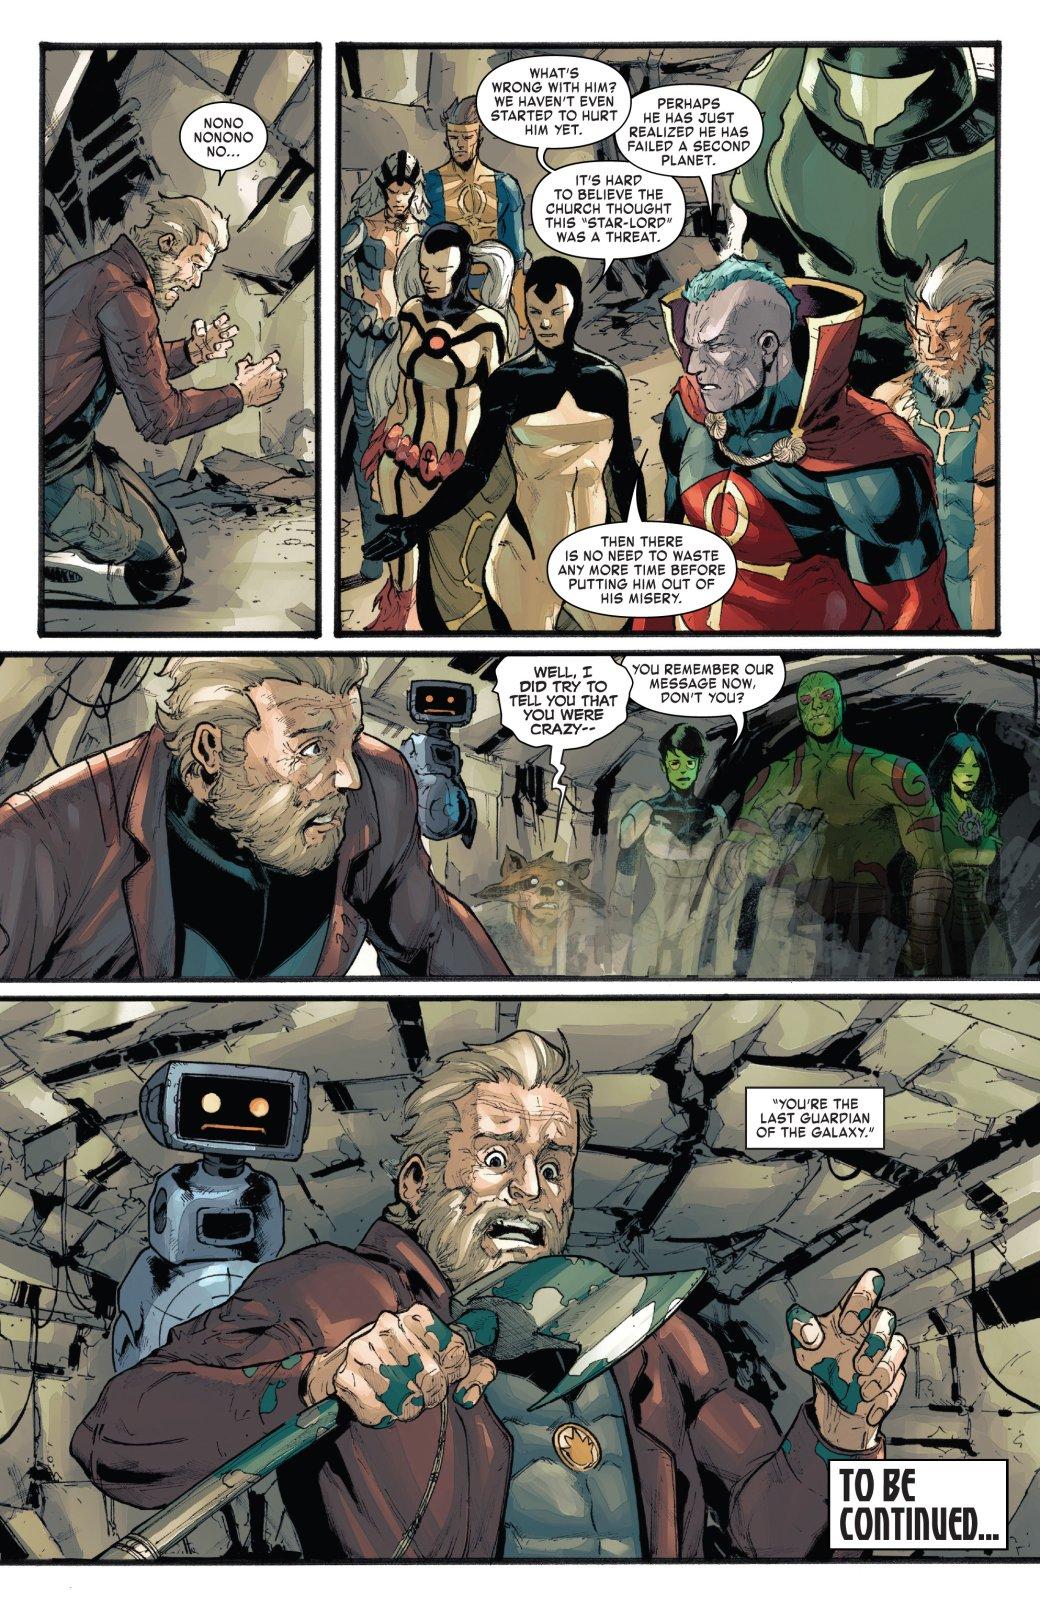 Объяснено: что насамом деле случилось соСтражами Галактики вовселенной Старика Логана?